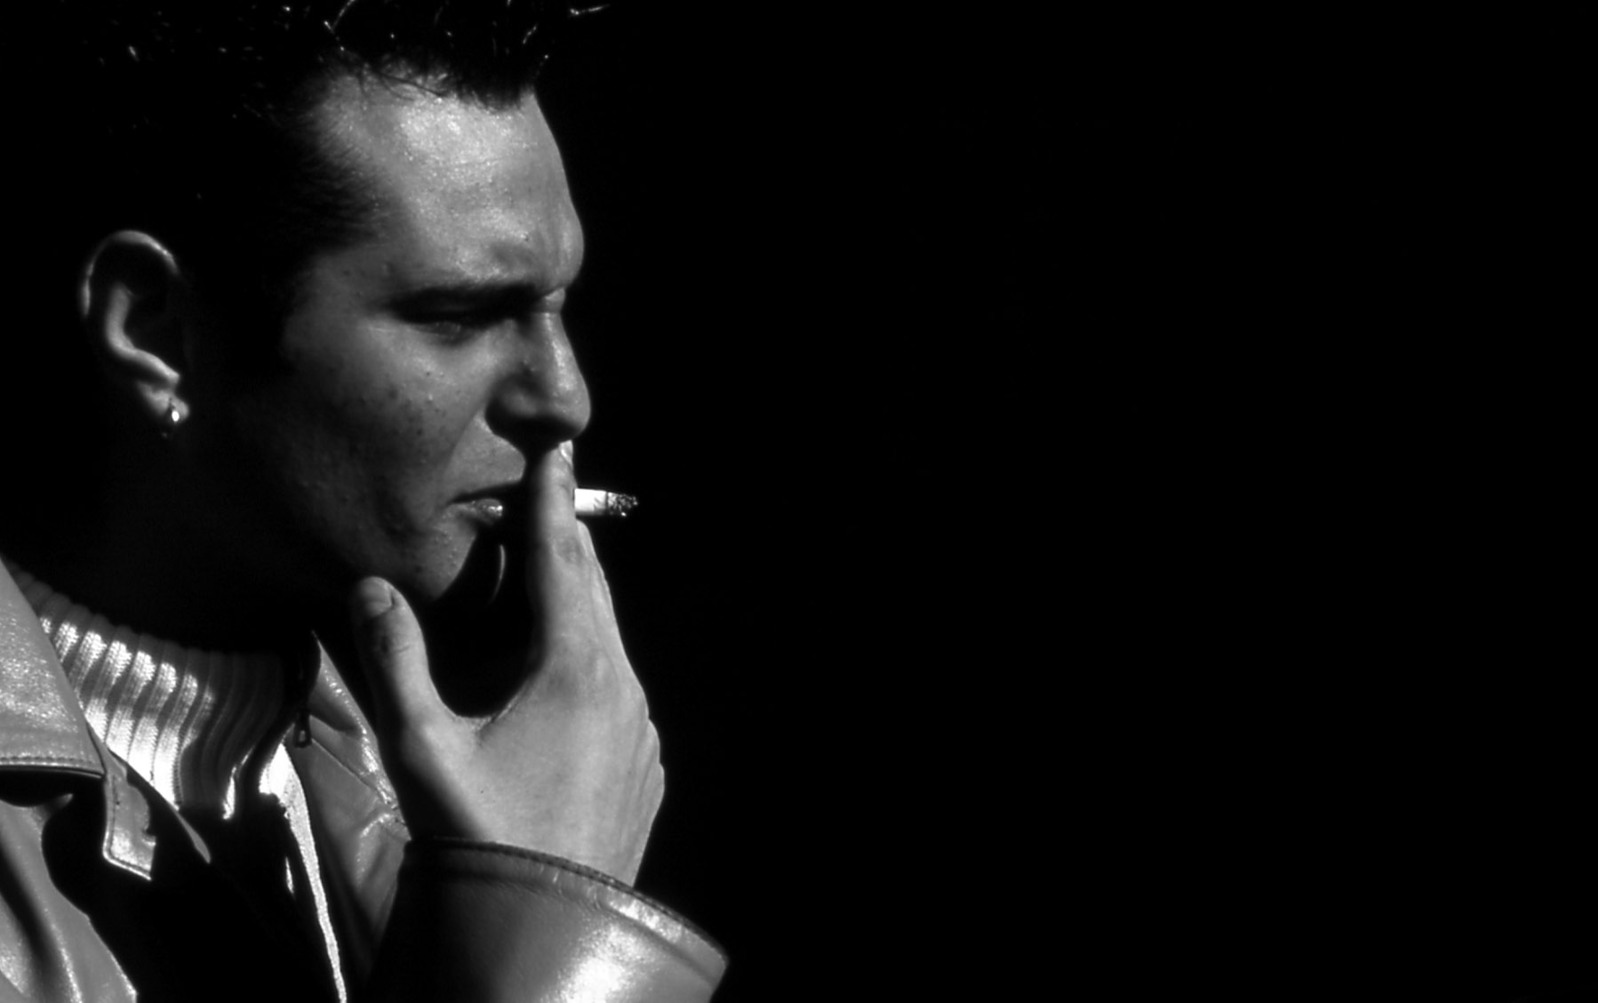 smoking-1439550-1598×1002